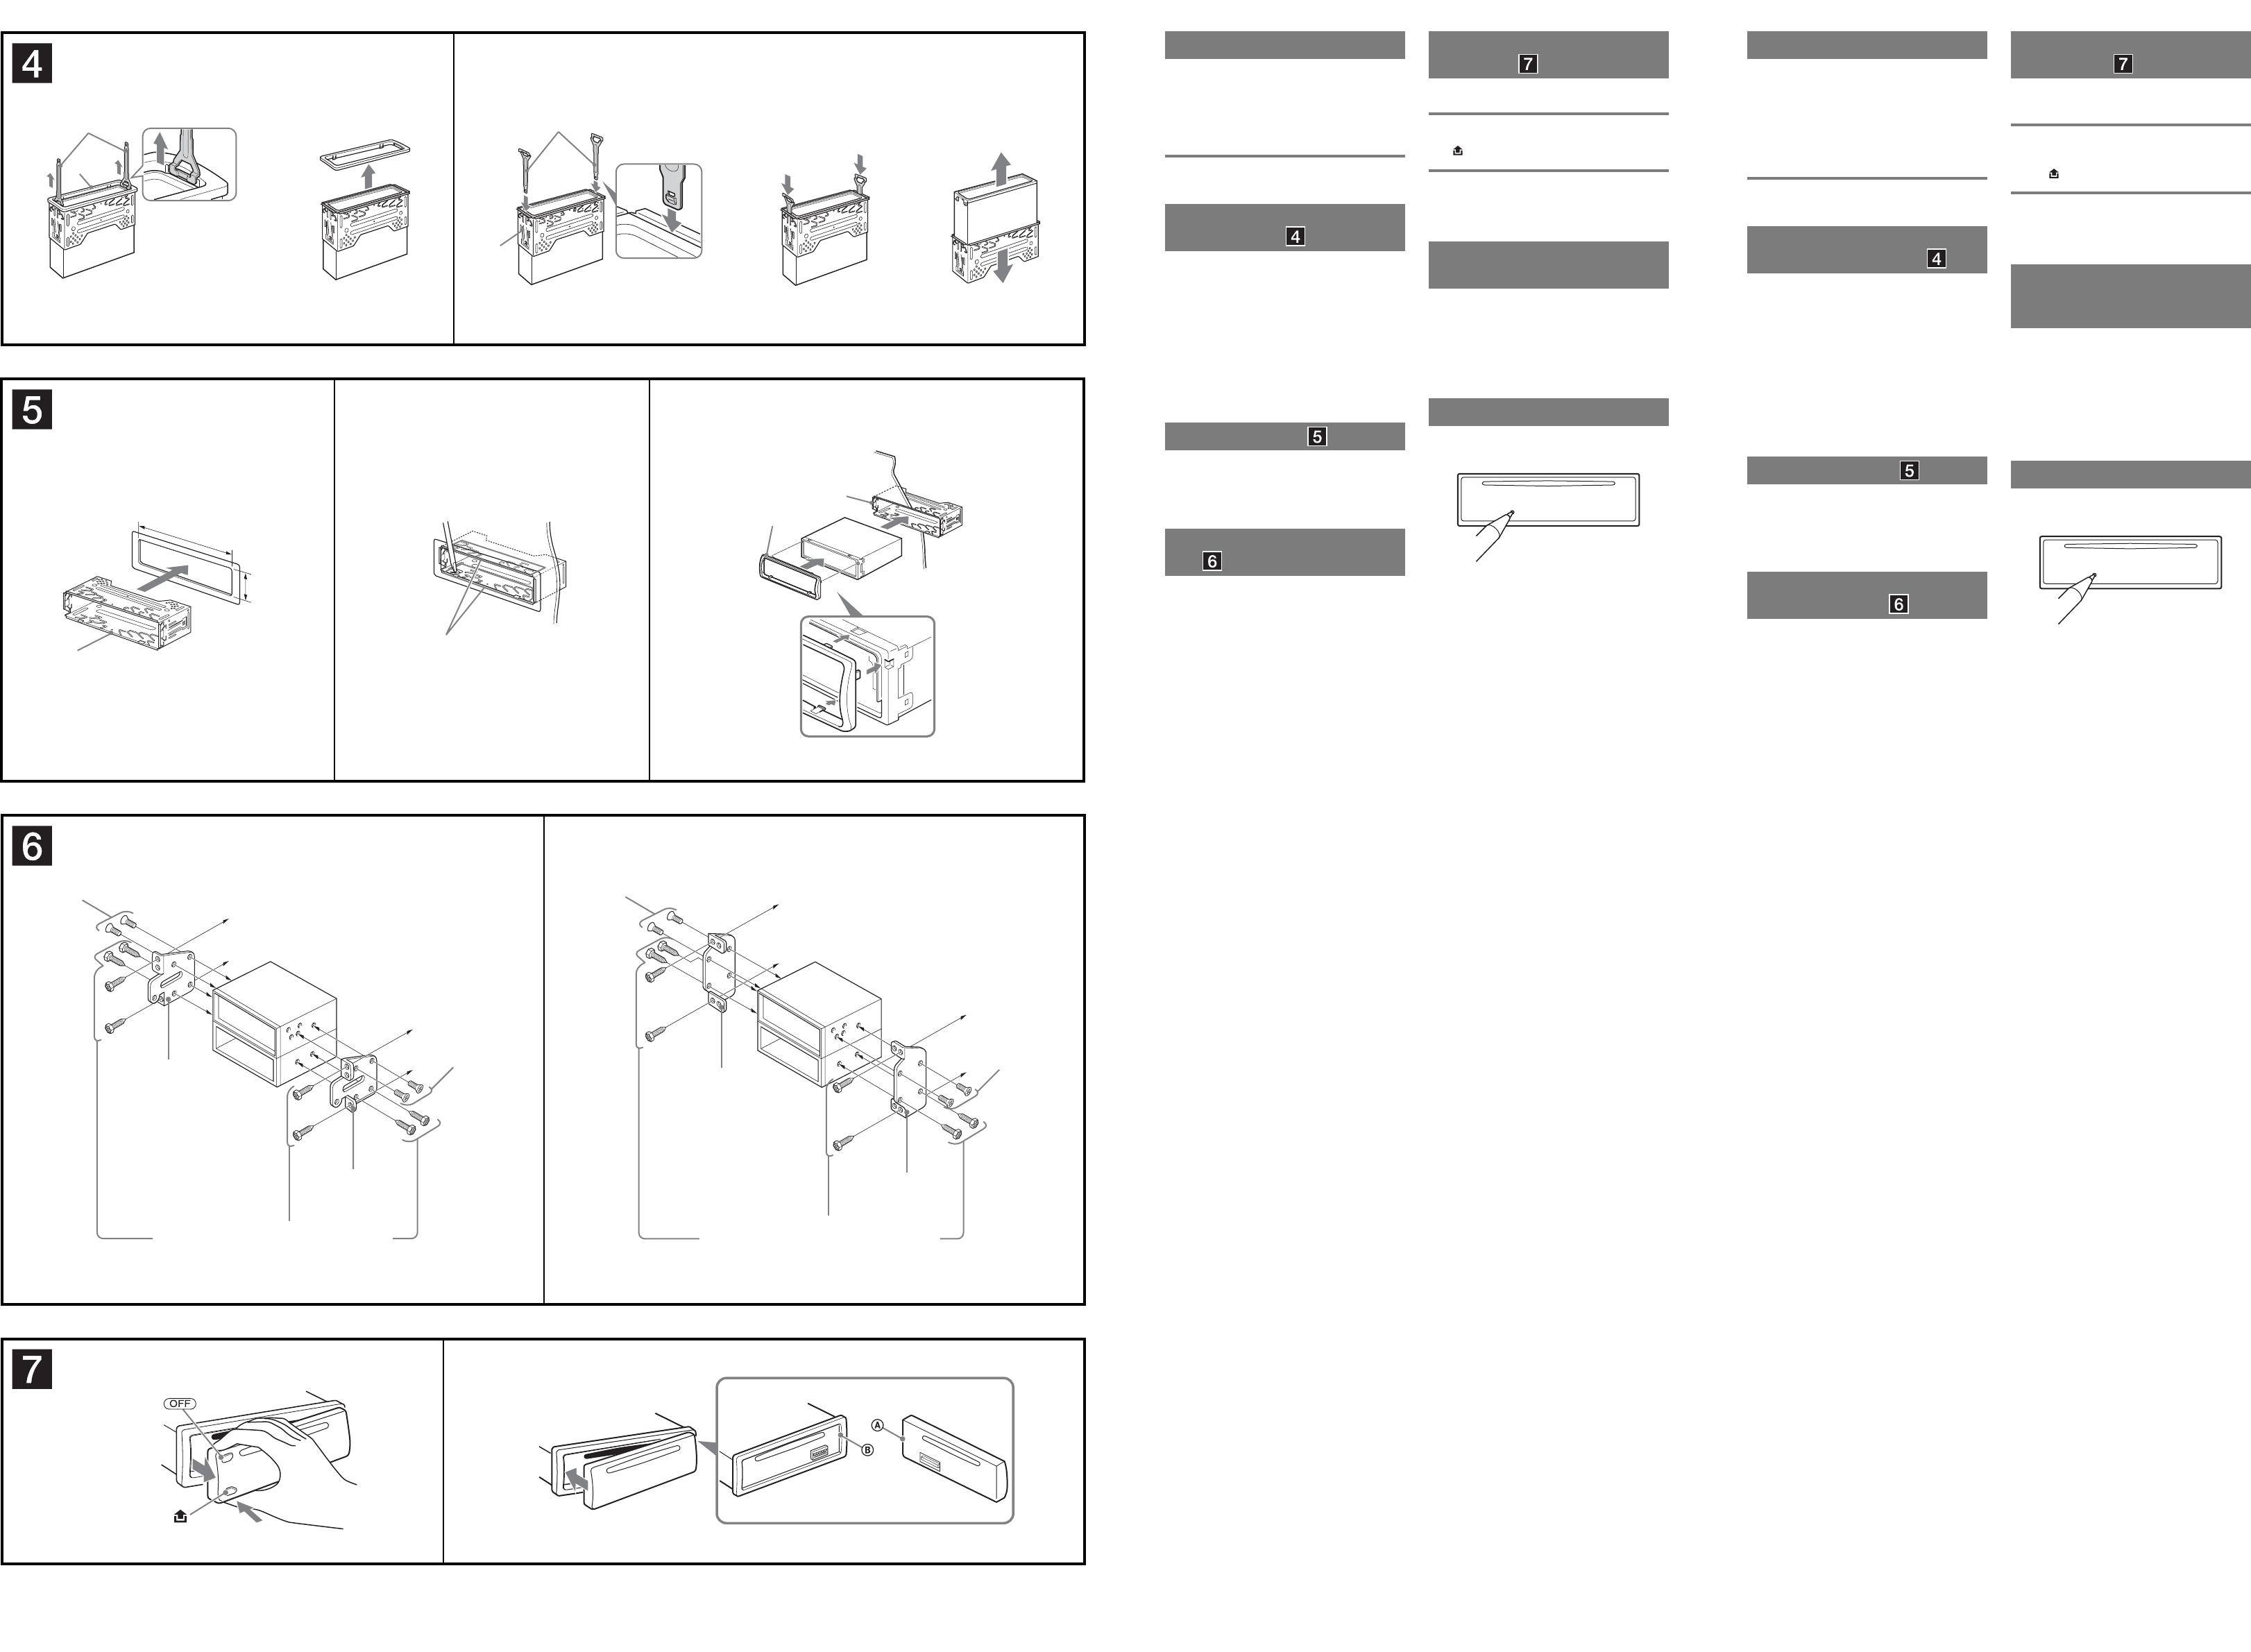 sony cdx gt32w wiring diagram sony cdx gt22w gt32w gt22w user manual installation connections  sony cdx gt22w gt32w gt22w user manual